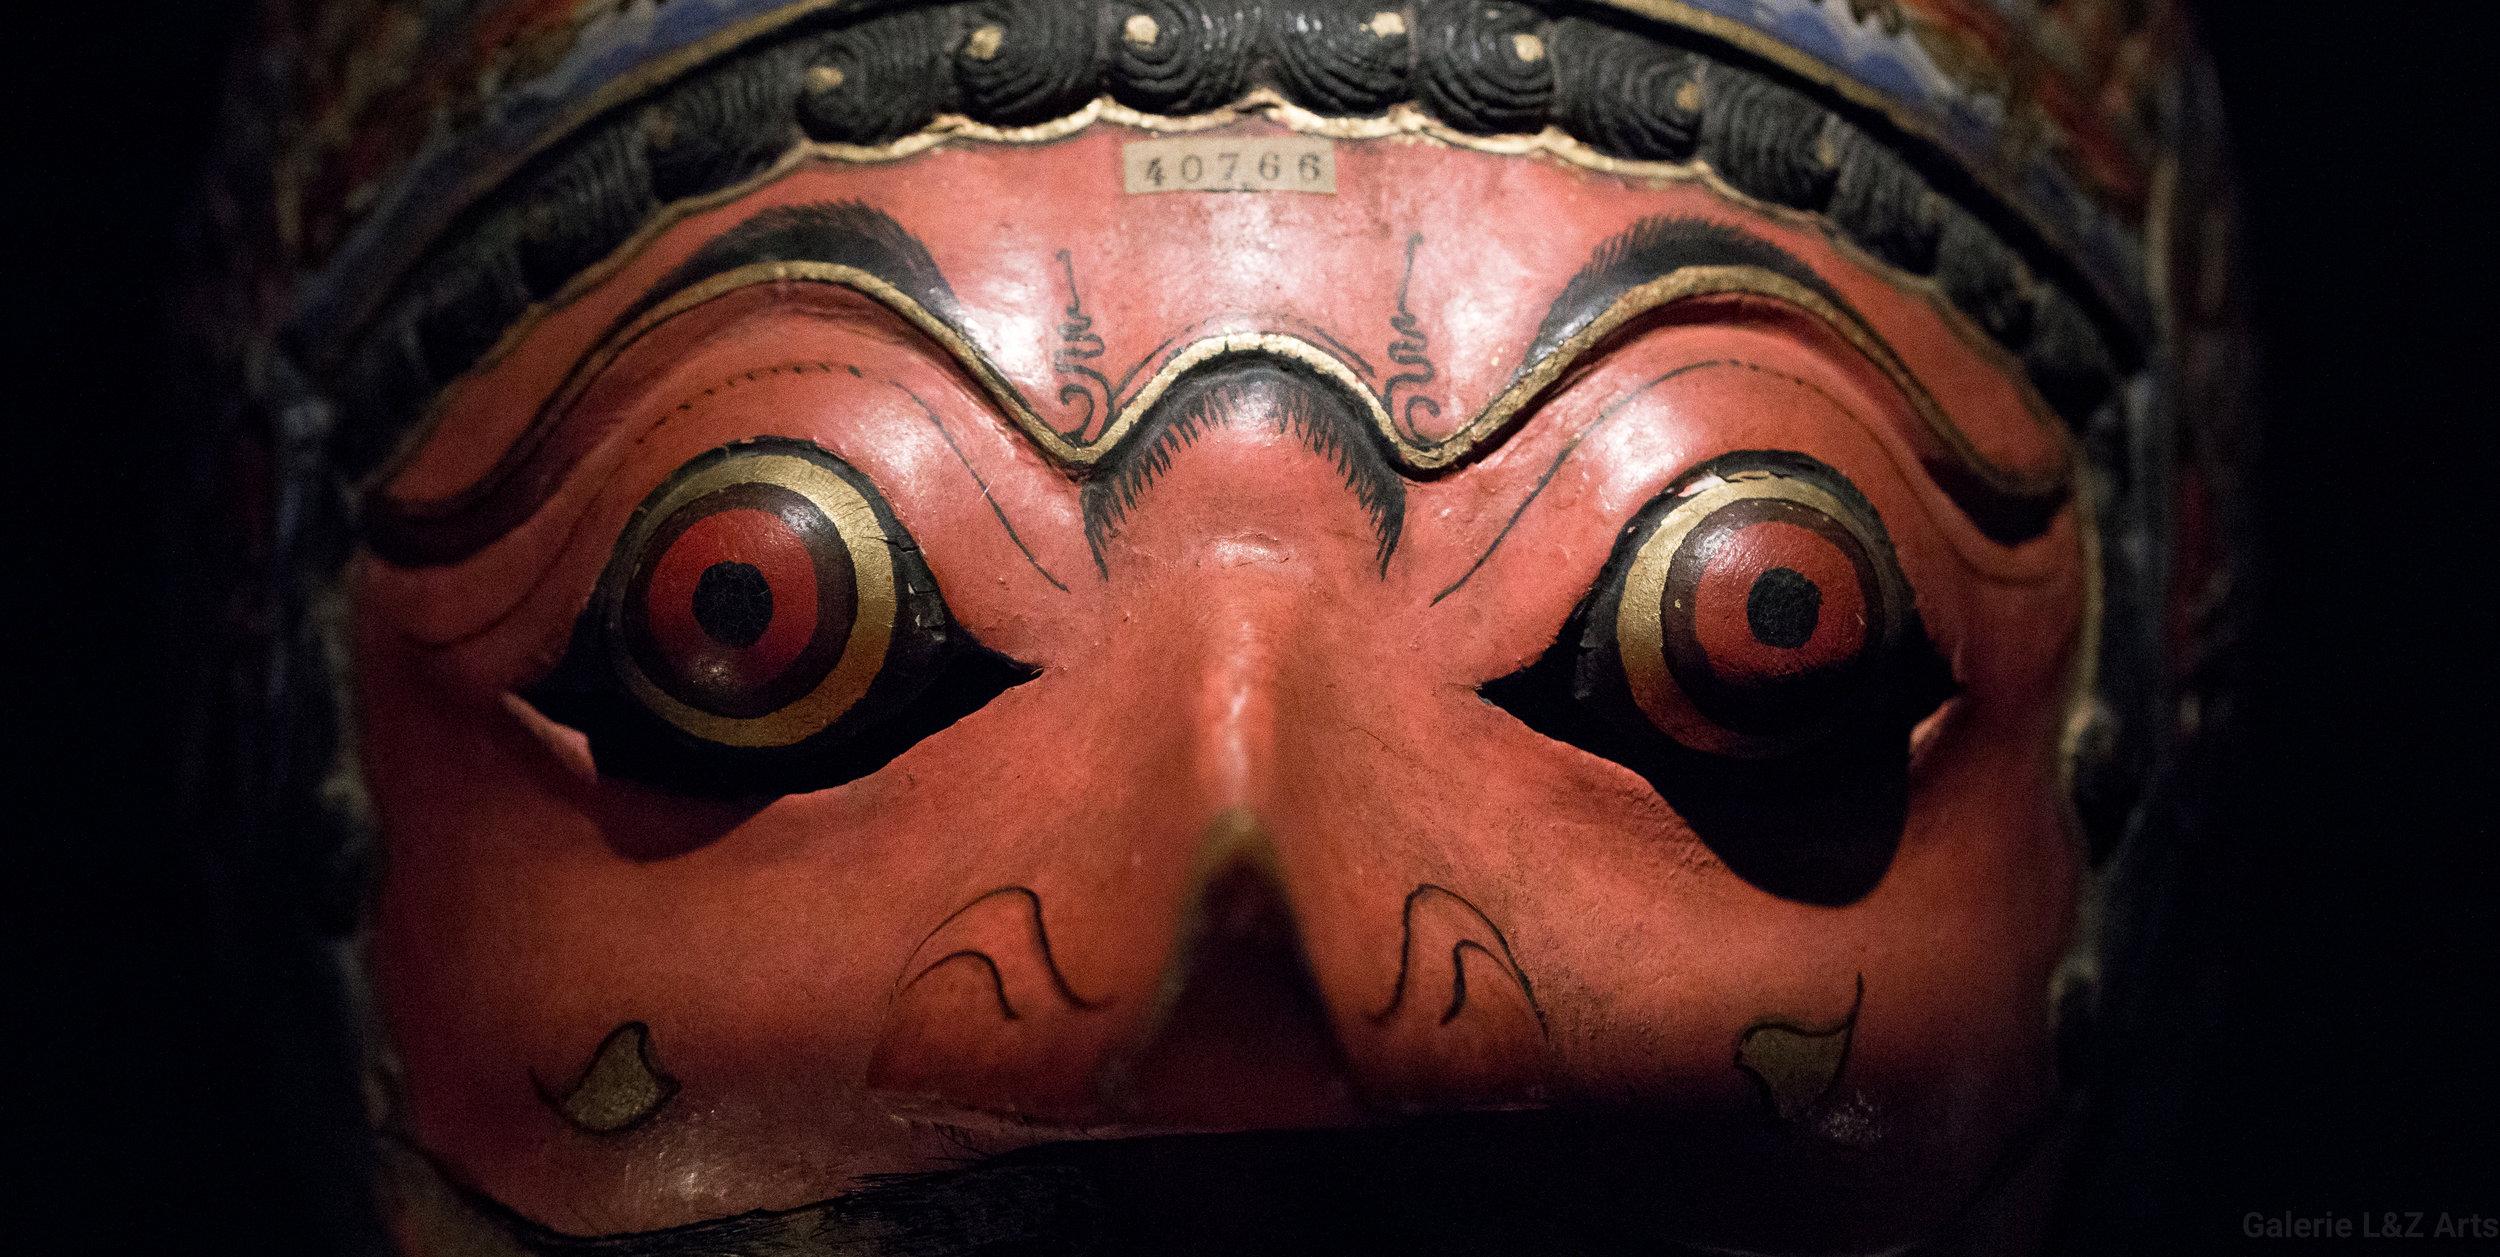 exposition-masque-art-tribal-africain-musee-quai-branly-belgique-galerie-lz-arts-liege-cite-miroir-oceanie-asie-japon-amerique-art-premier-nepal-20.jpg